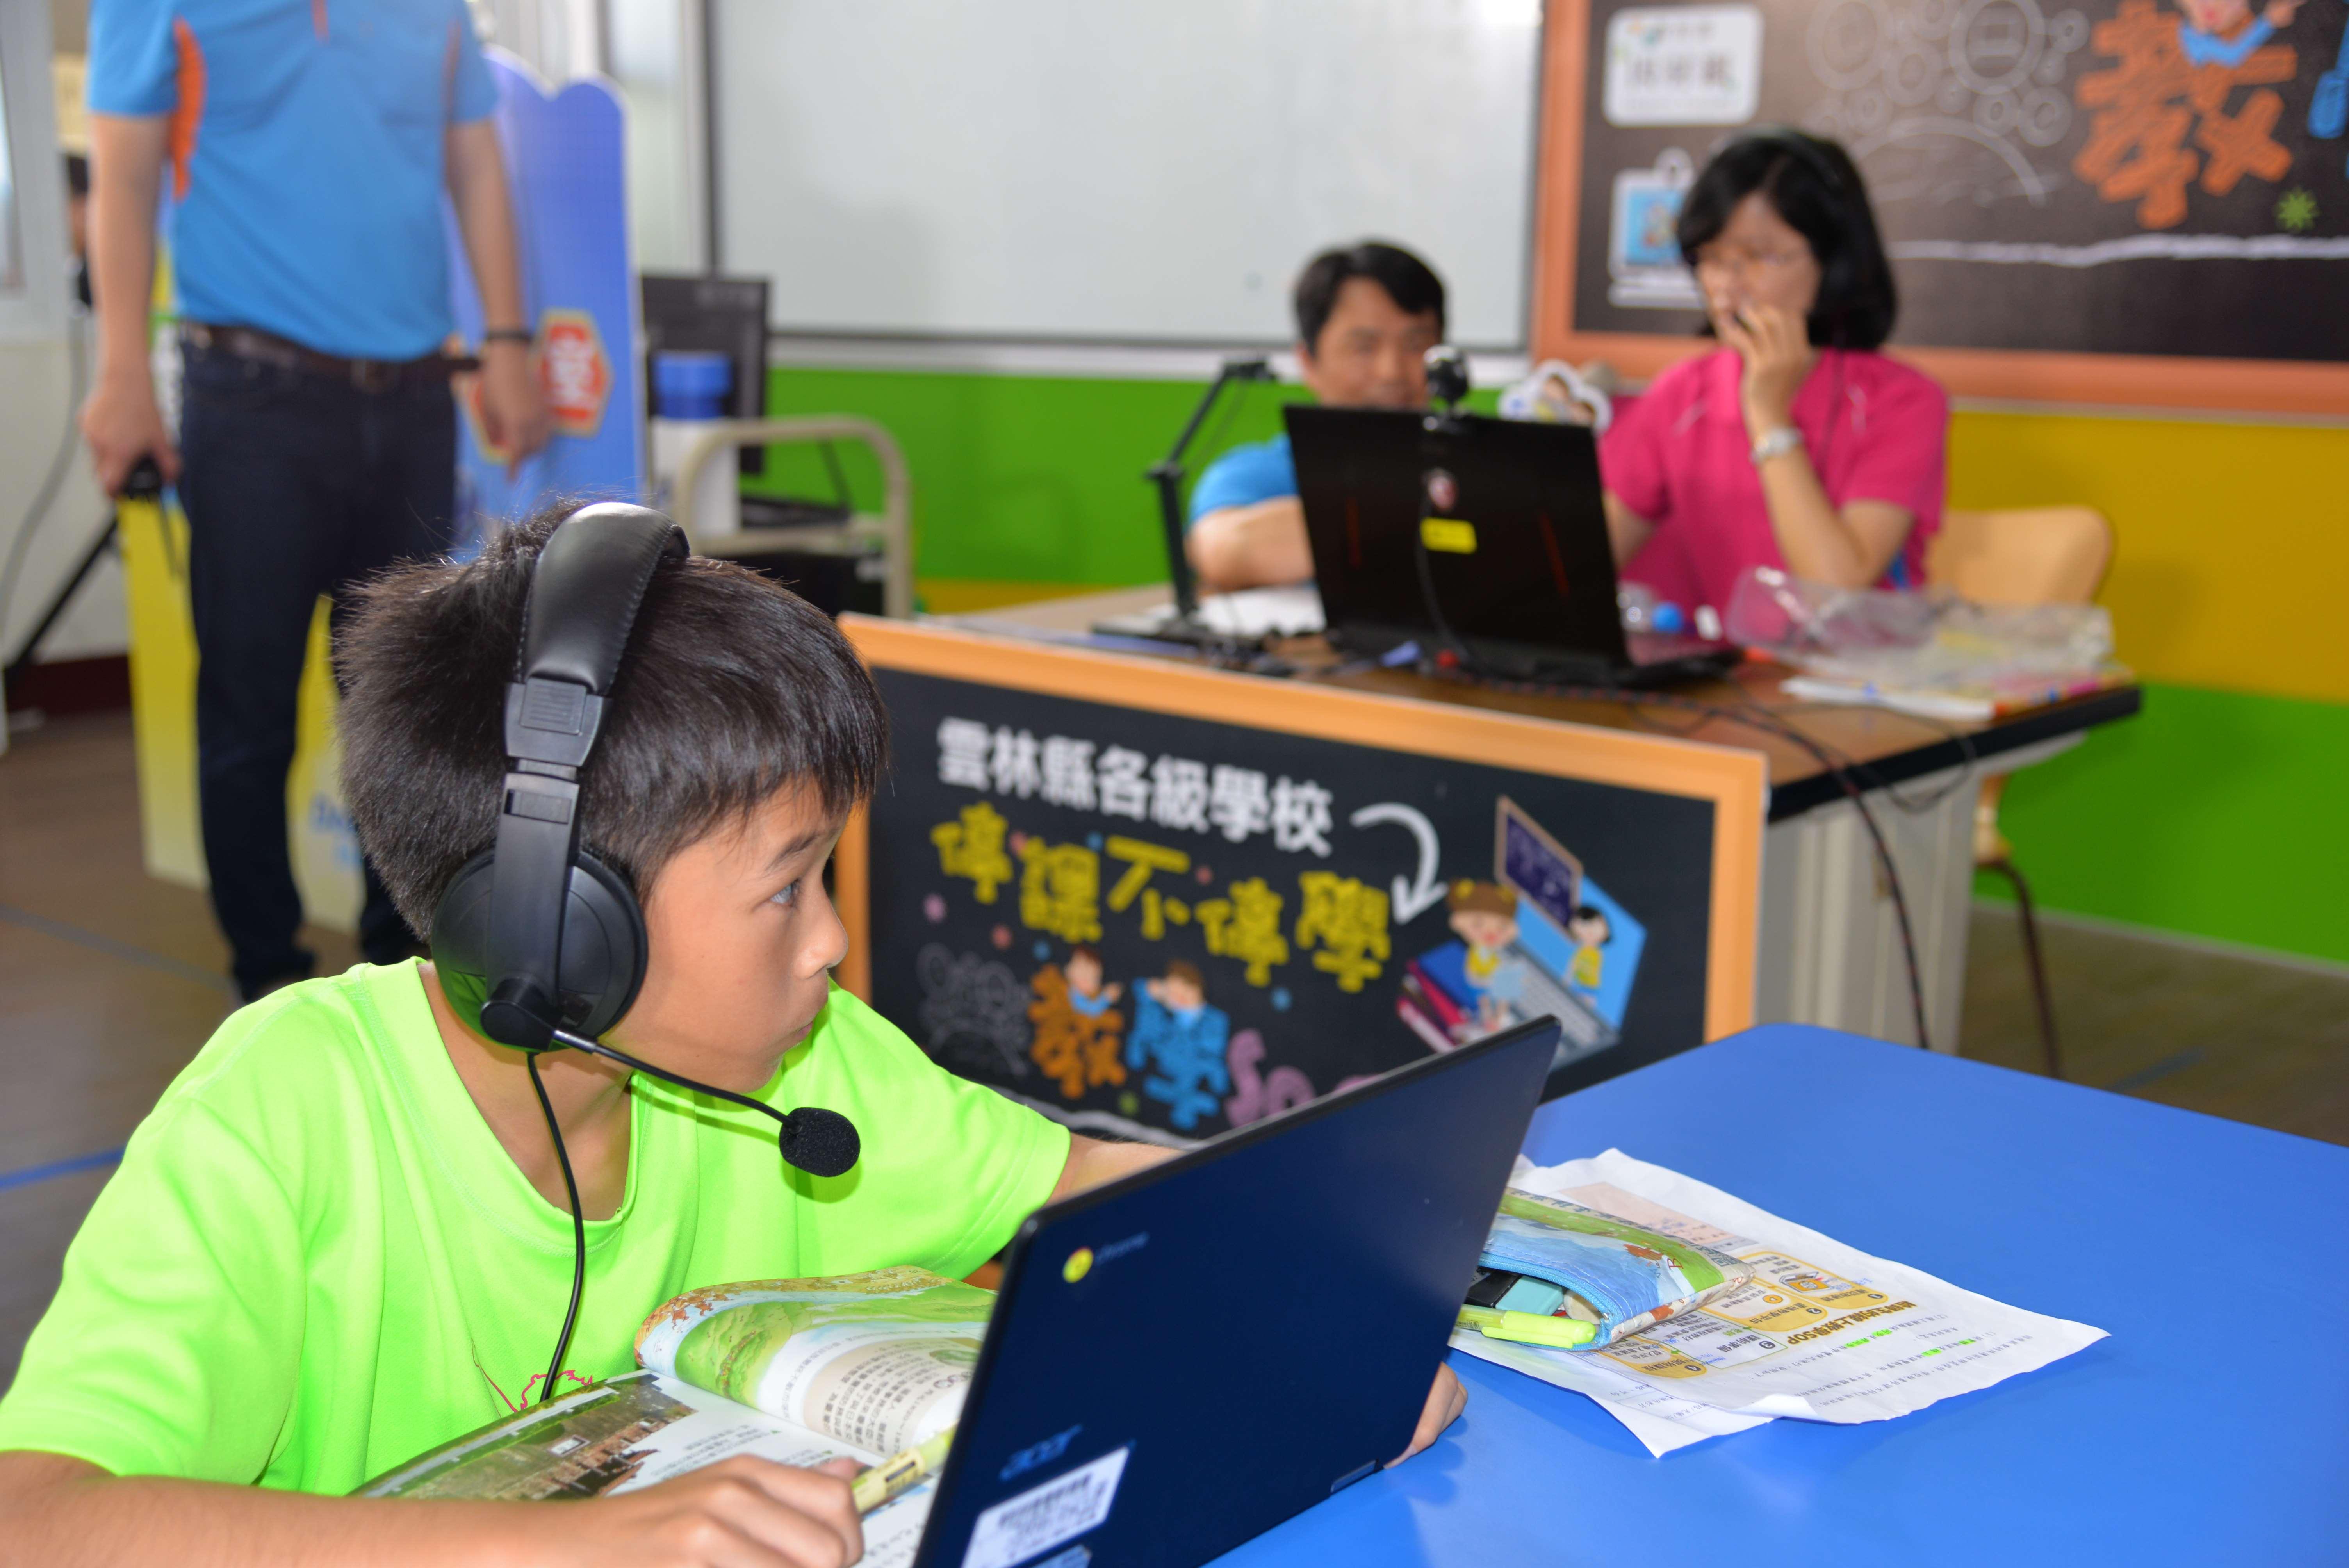 而斗南國小現行使用的Zoom軟體,由開課老師申請帳號後,提供網址讓學童免帳號登入上課,